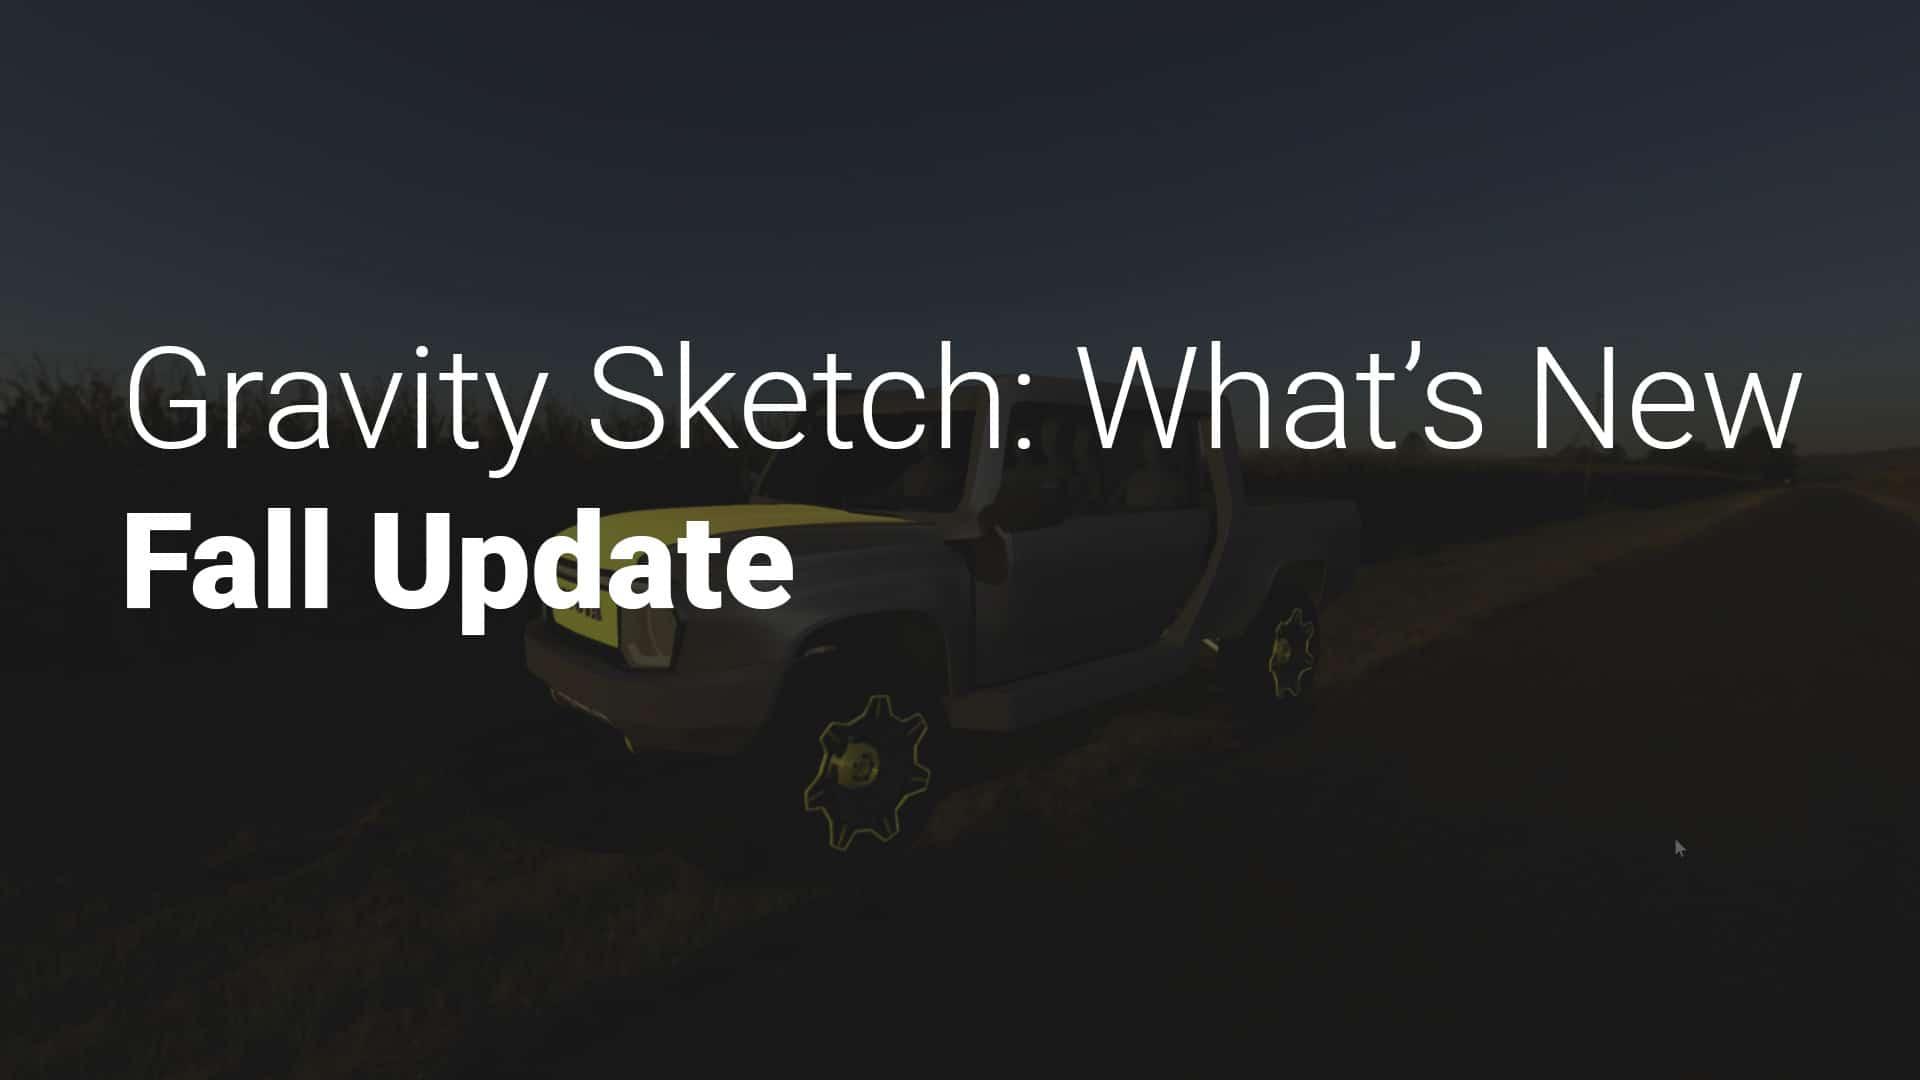 Gravity Sketch Fall 2021 Update